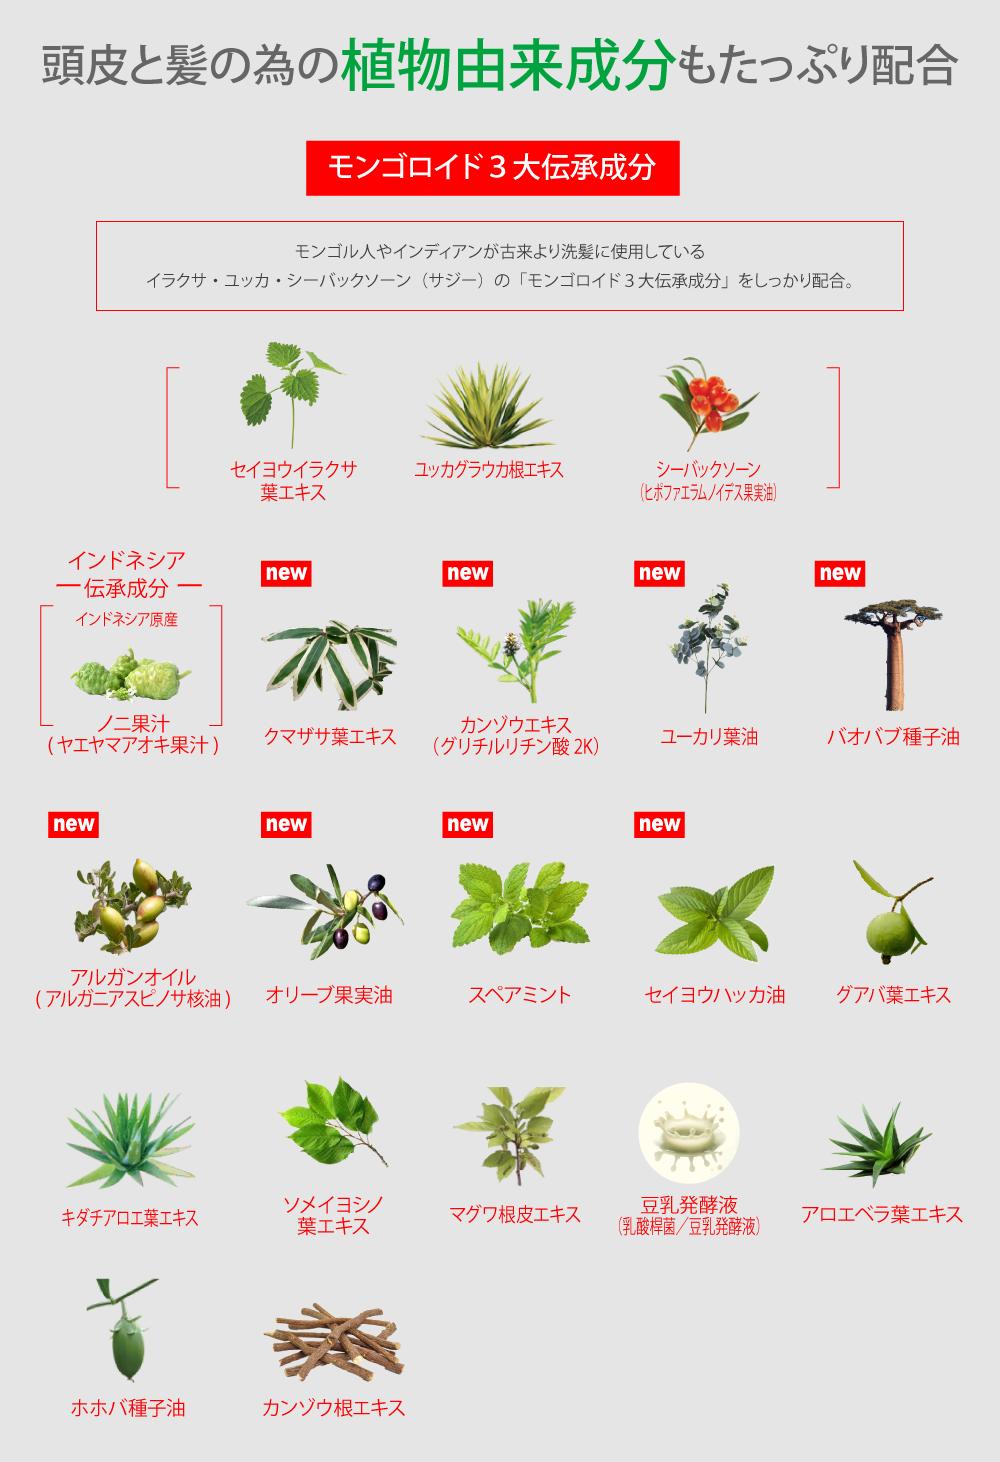 頭皮と髪のための植物由来成分もたっぷり配合